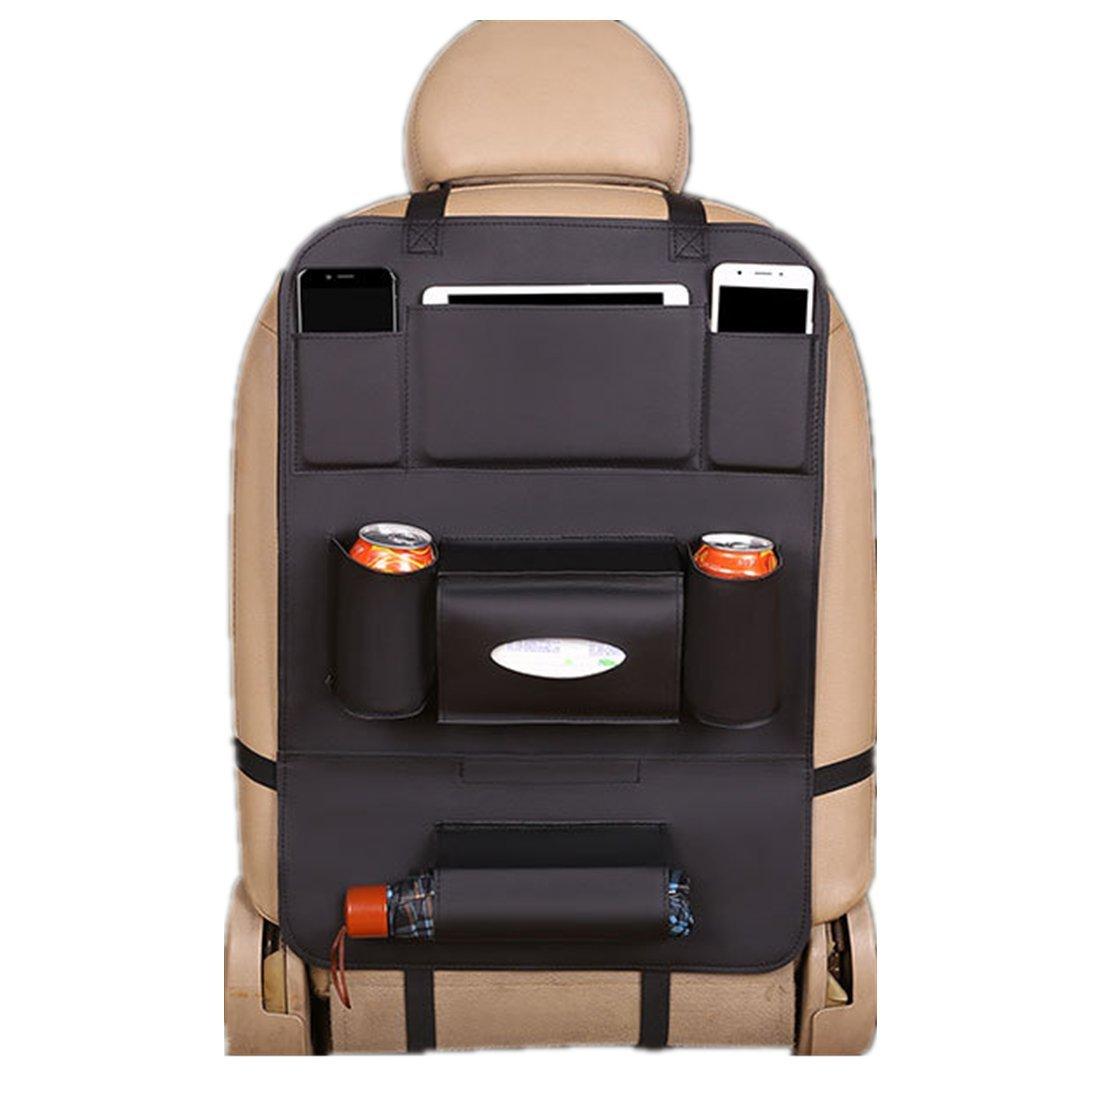 VICTORIE Auto Sedile Posteriore Organizzatore Protezione Tasca Custodia Bambini Tablet Nero